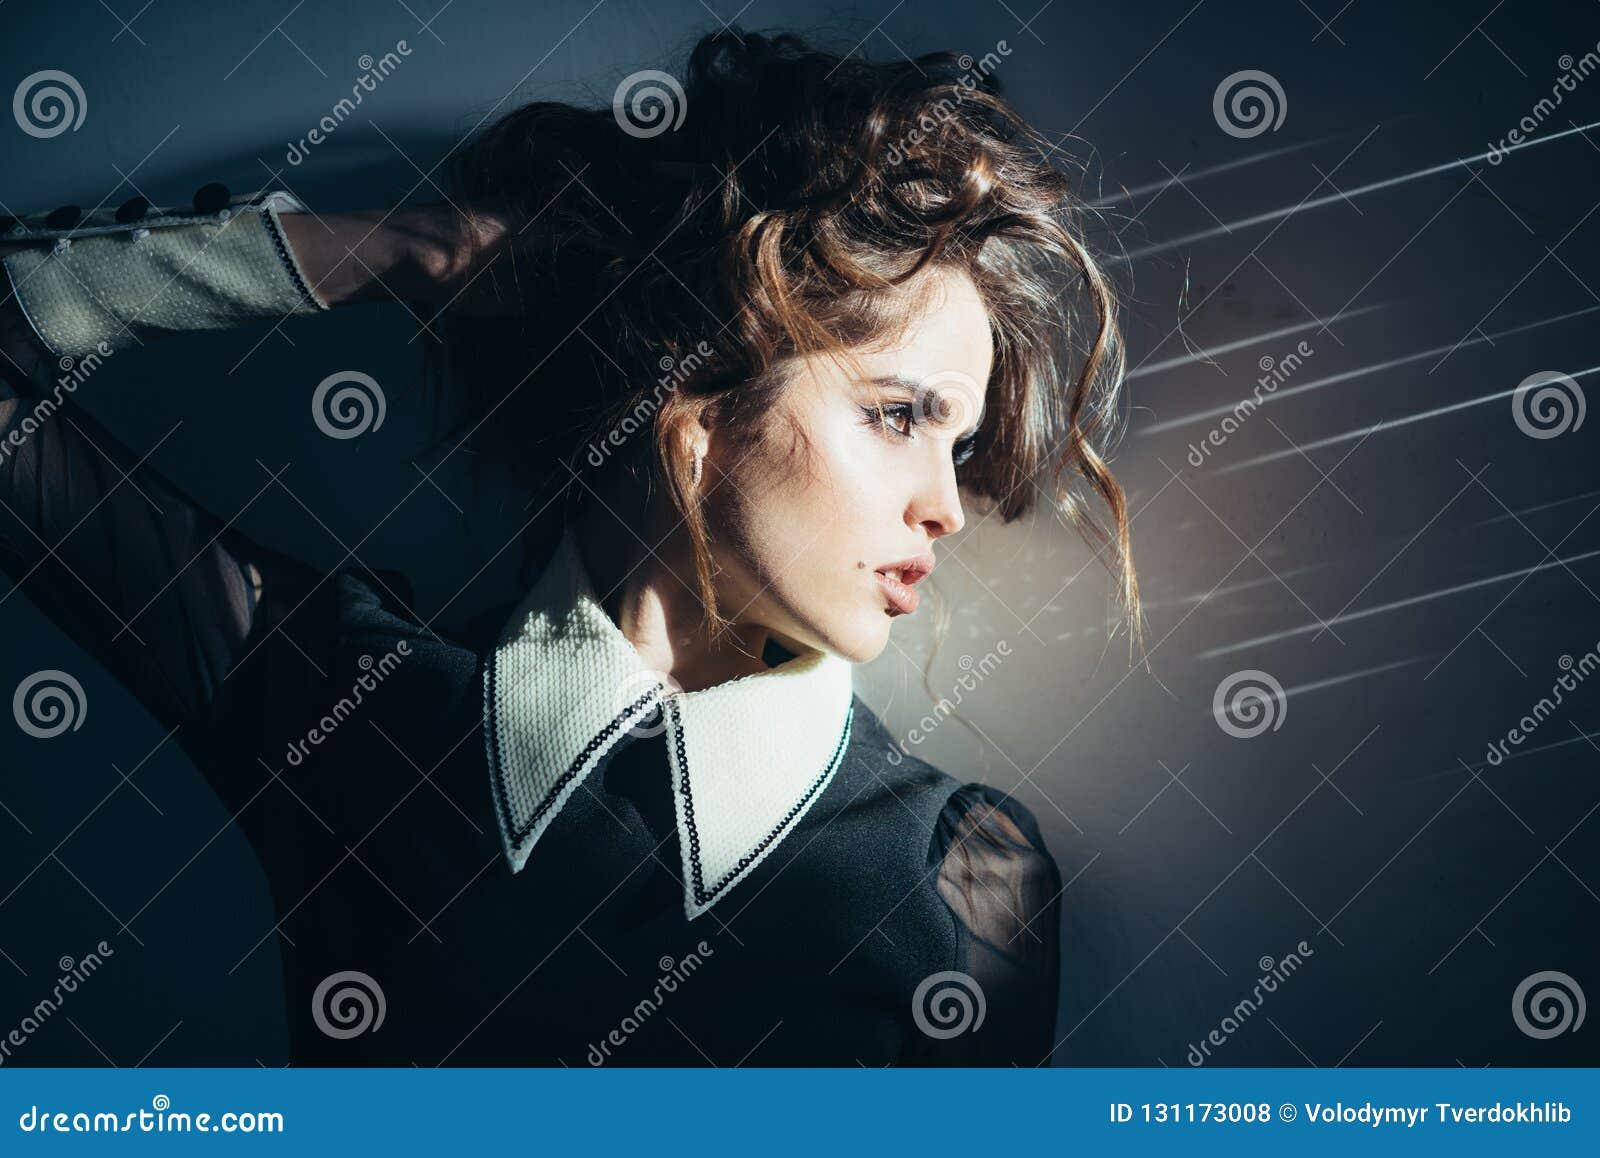 Elegancki kręcone włosy g - girl piękna i mody spojrzenie Wspaniały i piękny Rocznik kobieta z makeup, klasyka styl